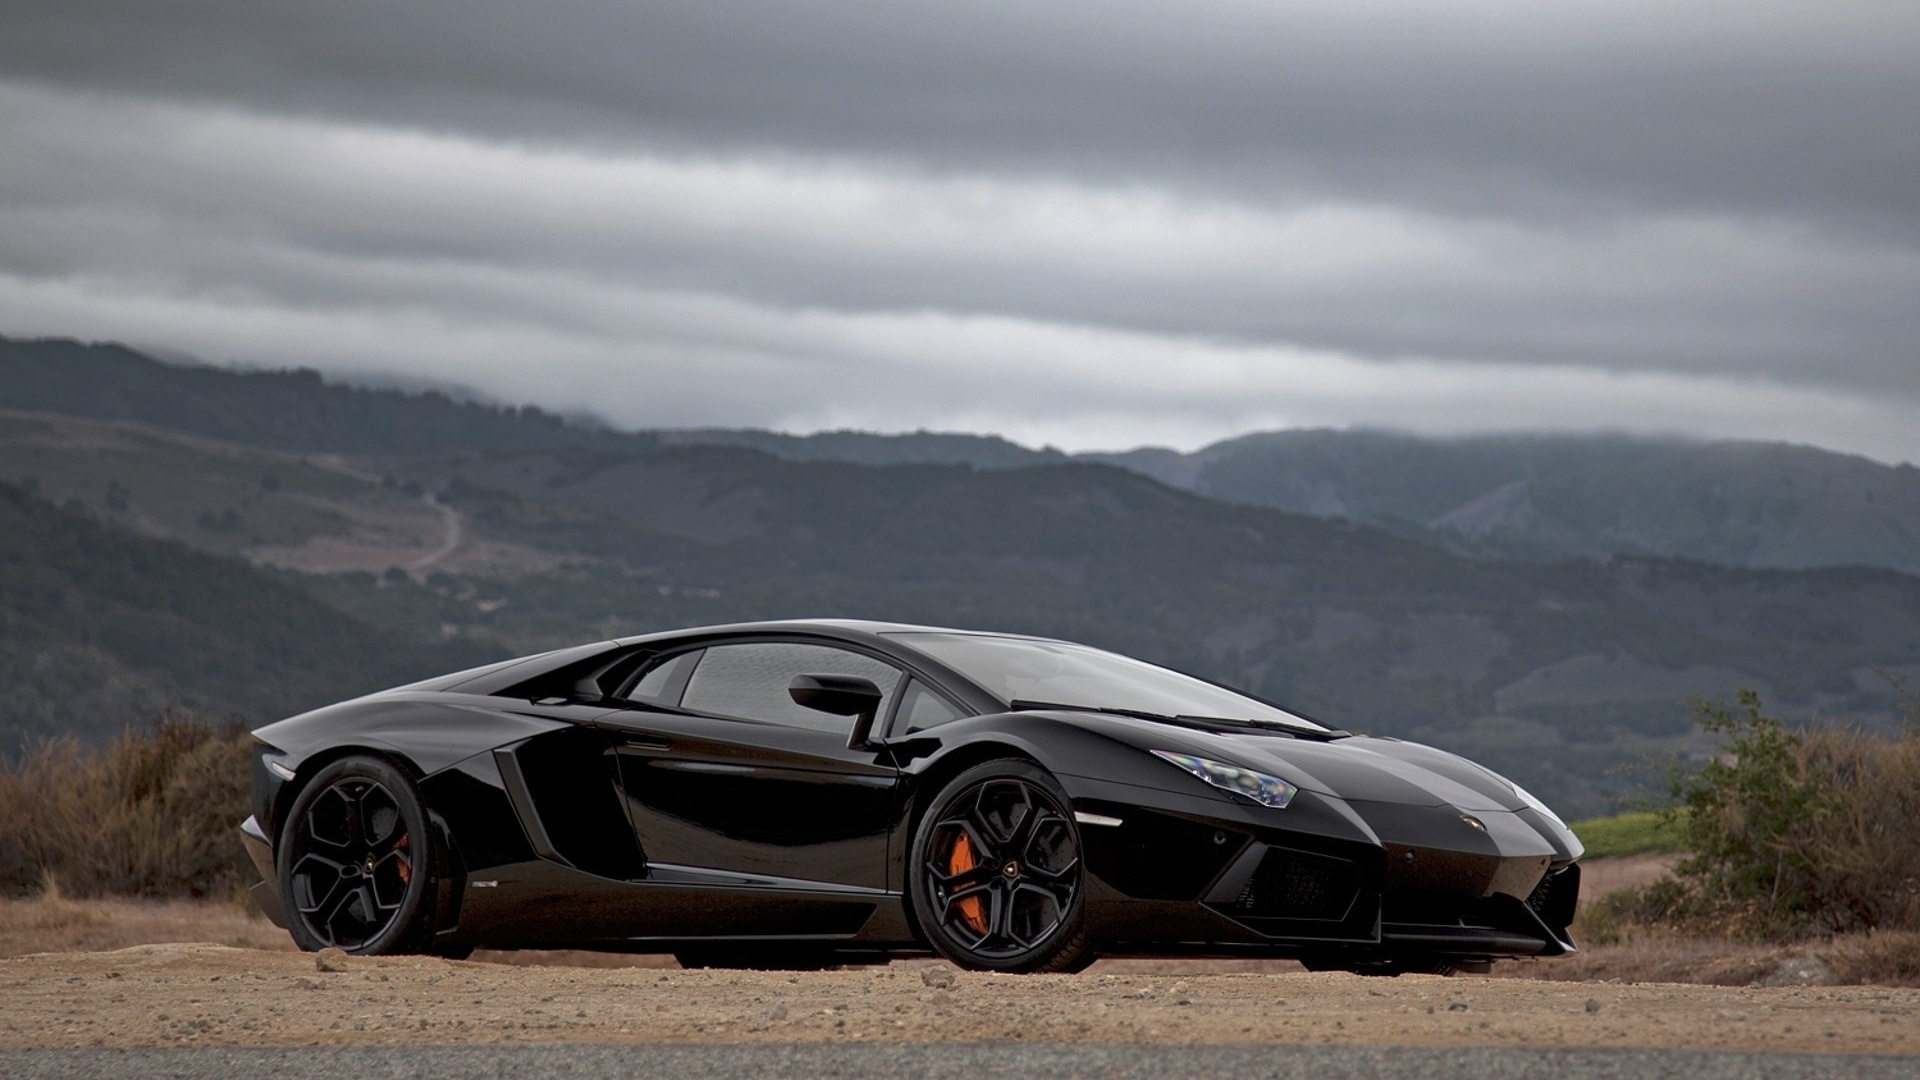 Lamborghini Aventador Wallpaper 1080p - WallpaperSafari